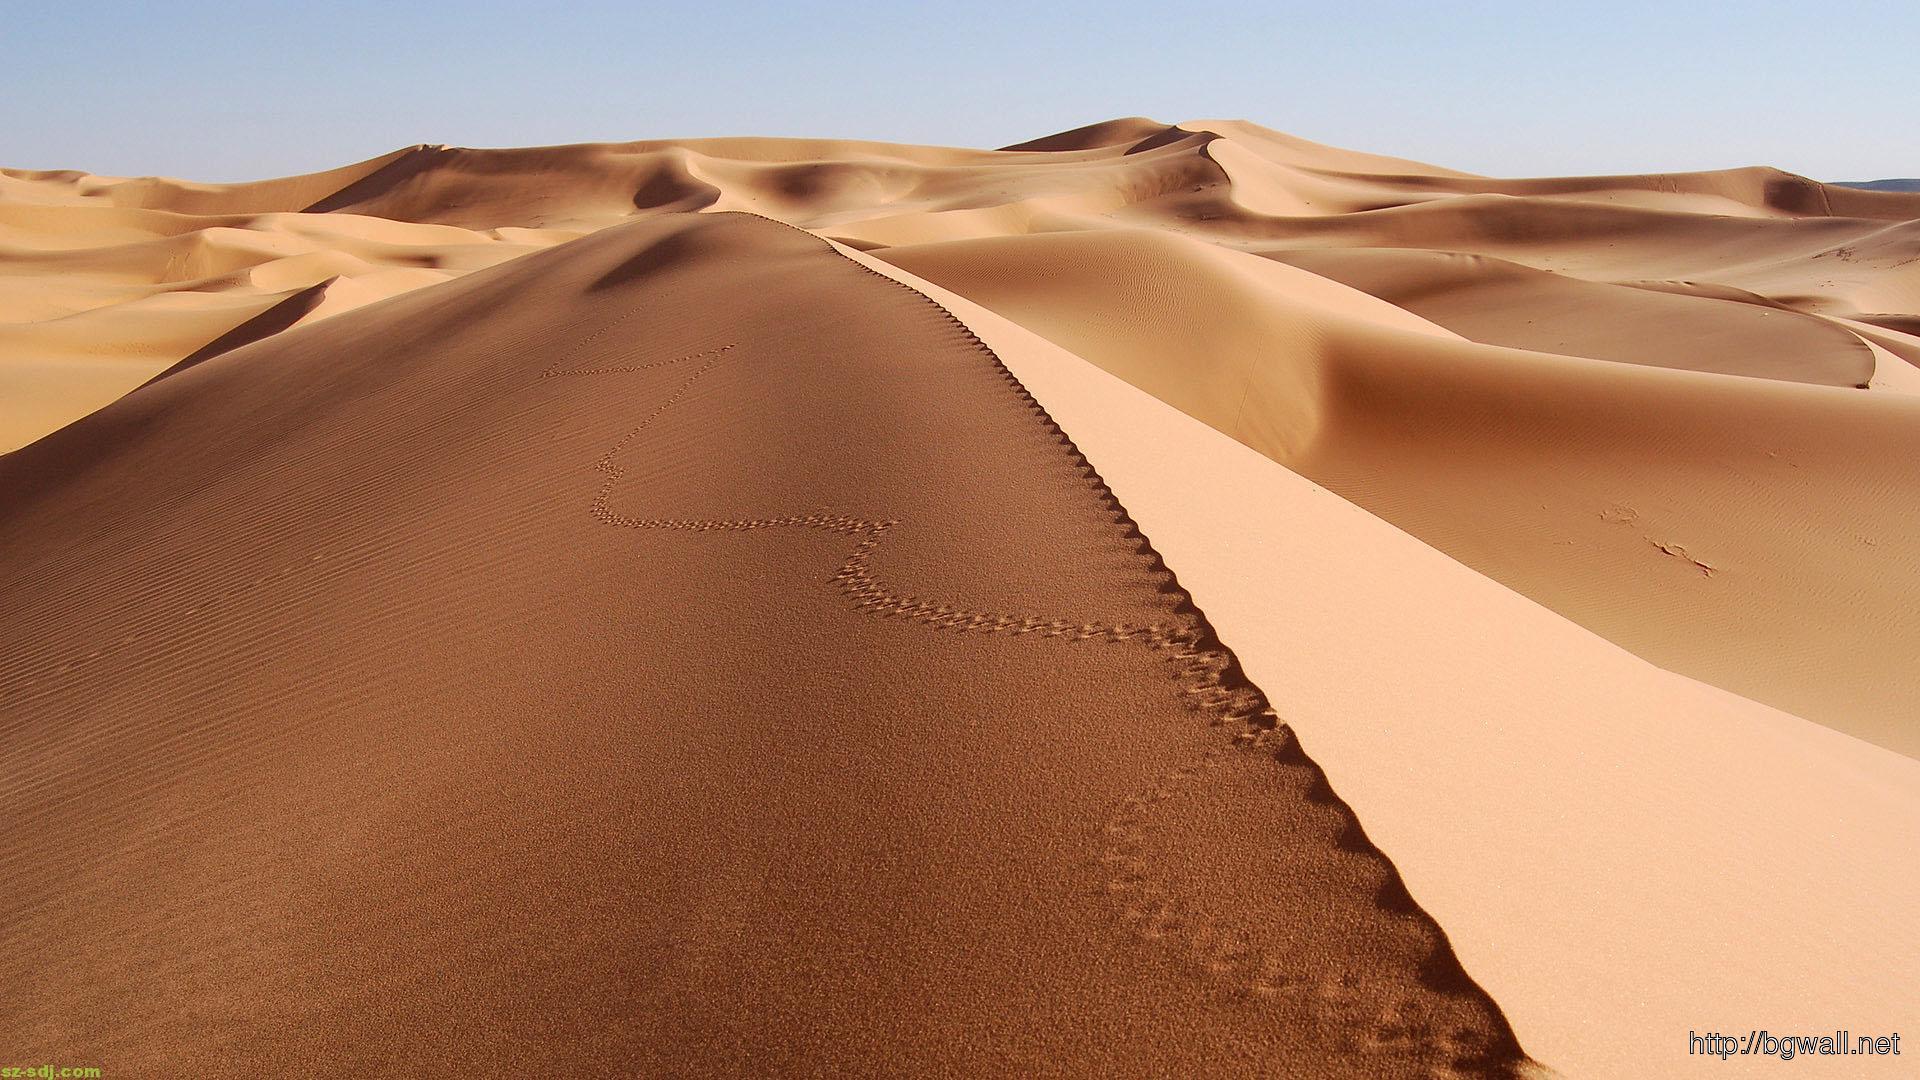 best-sahara-desert-wallpaper-for-desktop